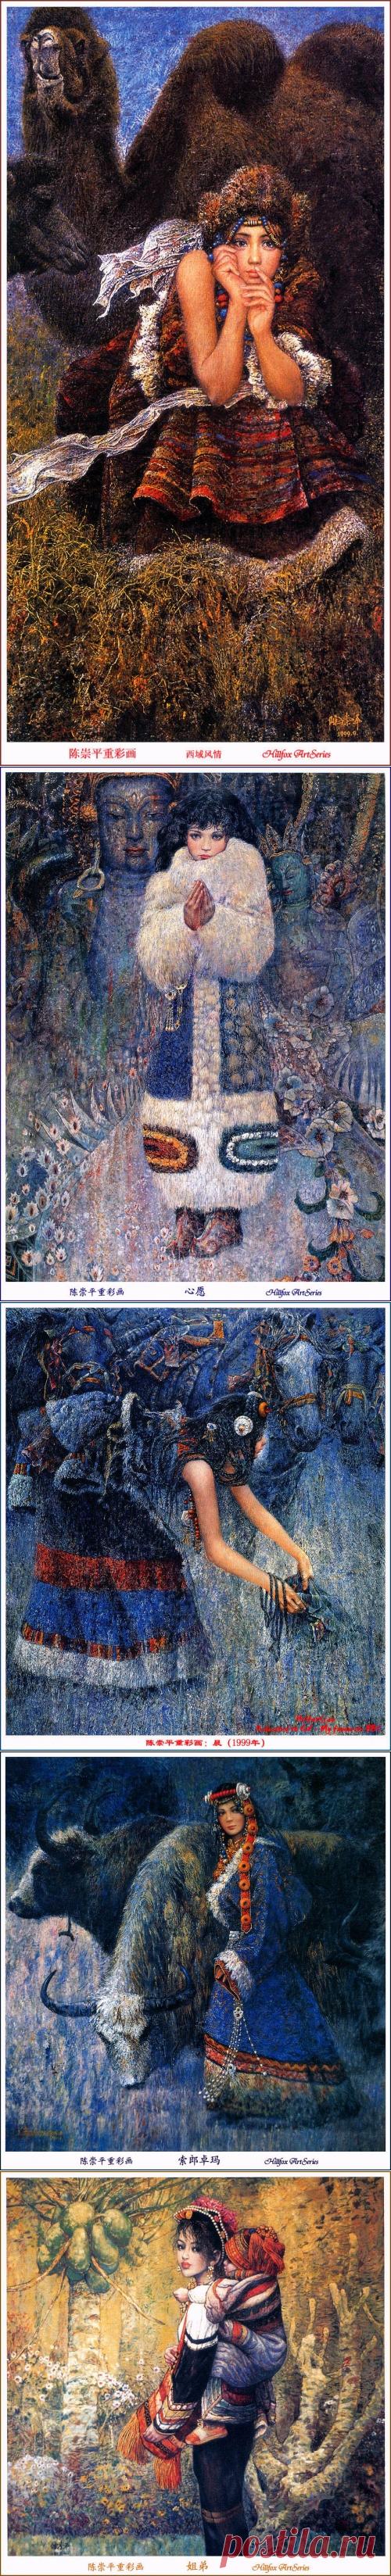 Живопись Китая. Chen Chong Ping (17 работ) » Картины, художники, фотографы на Nevsepic